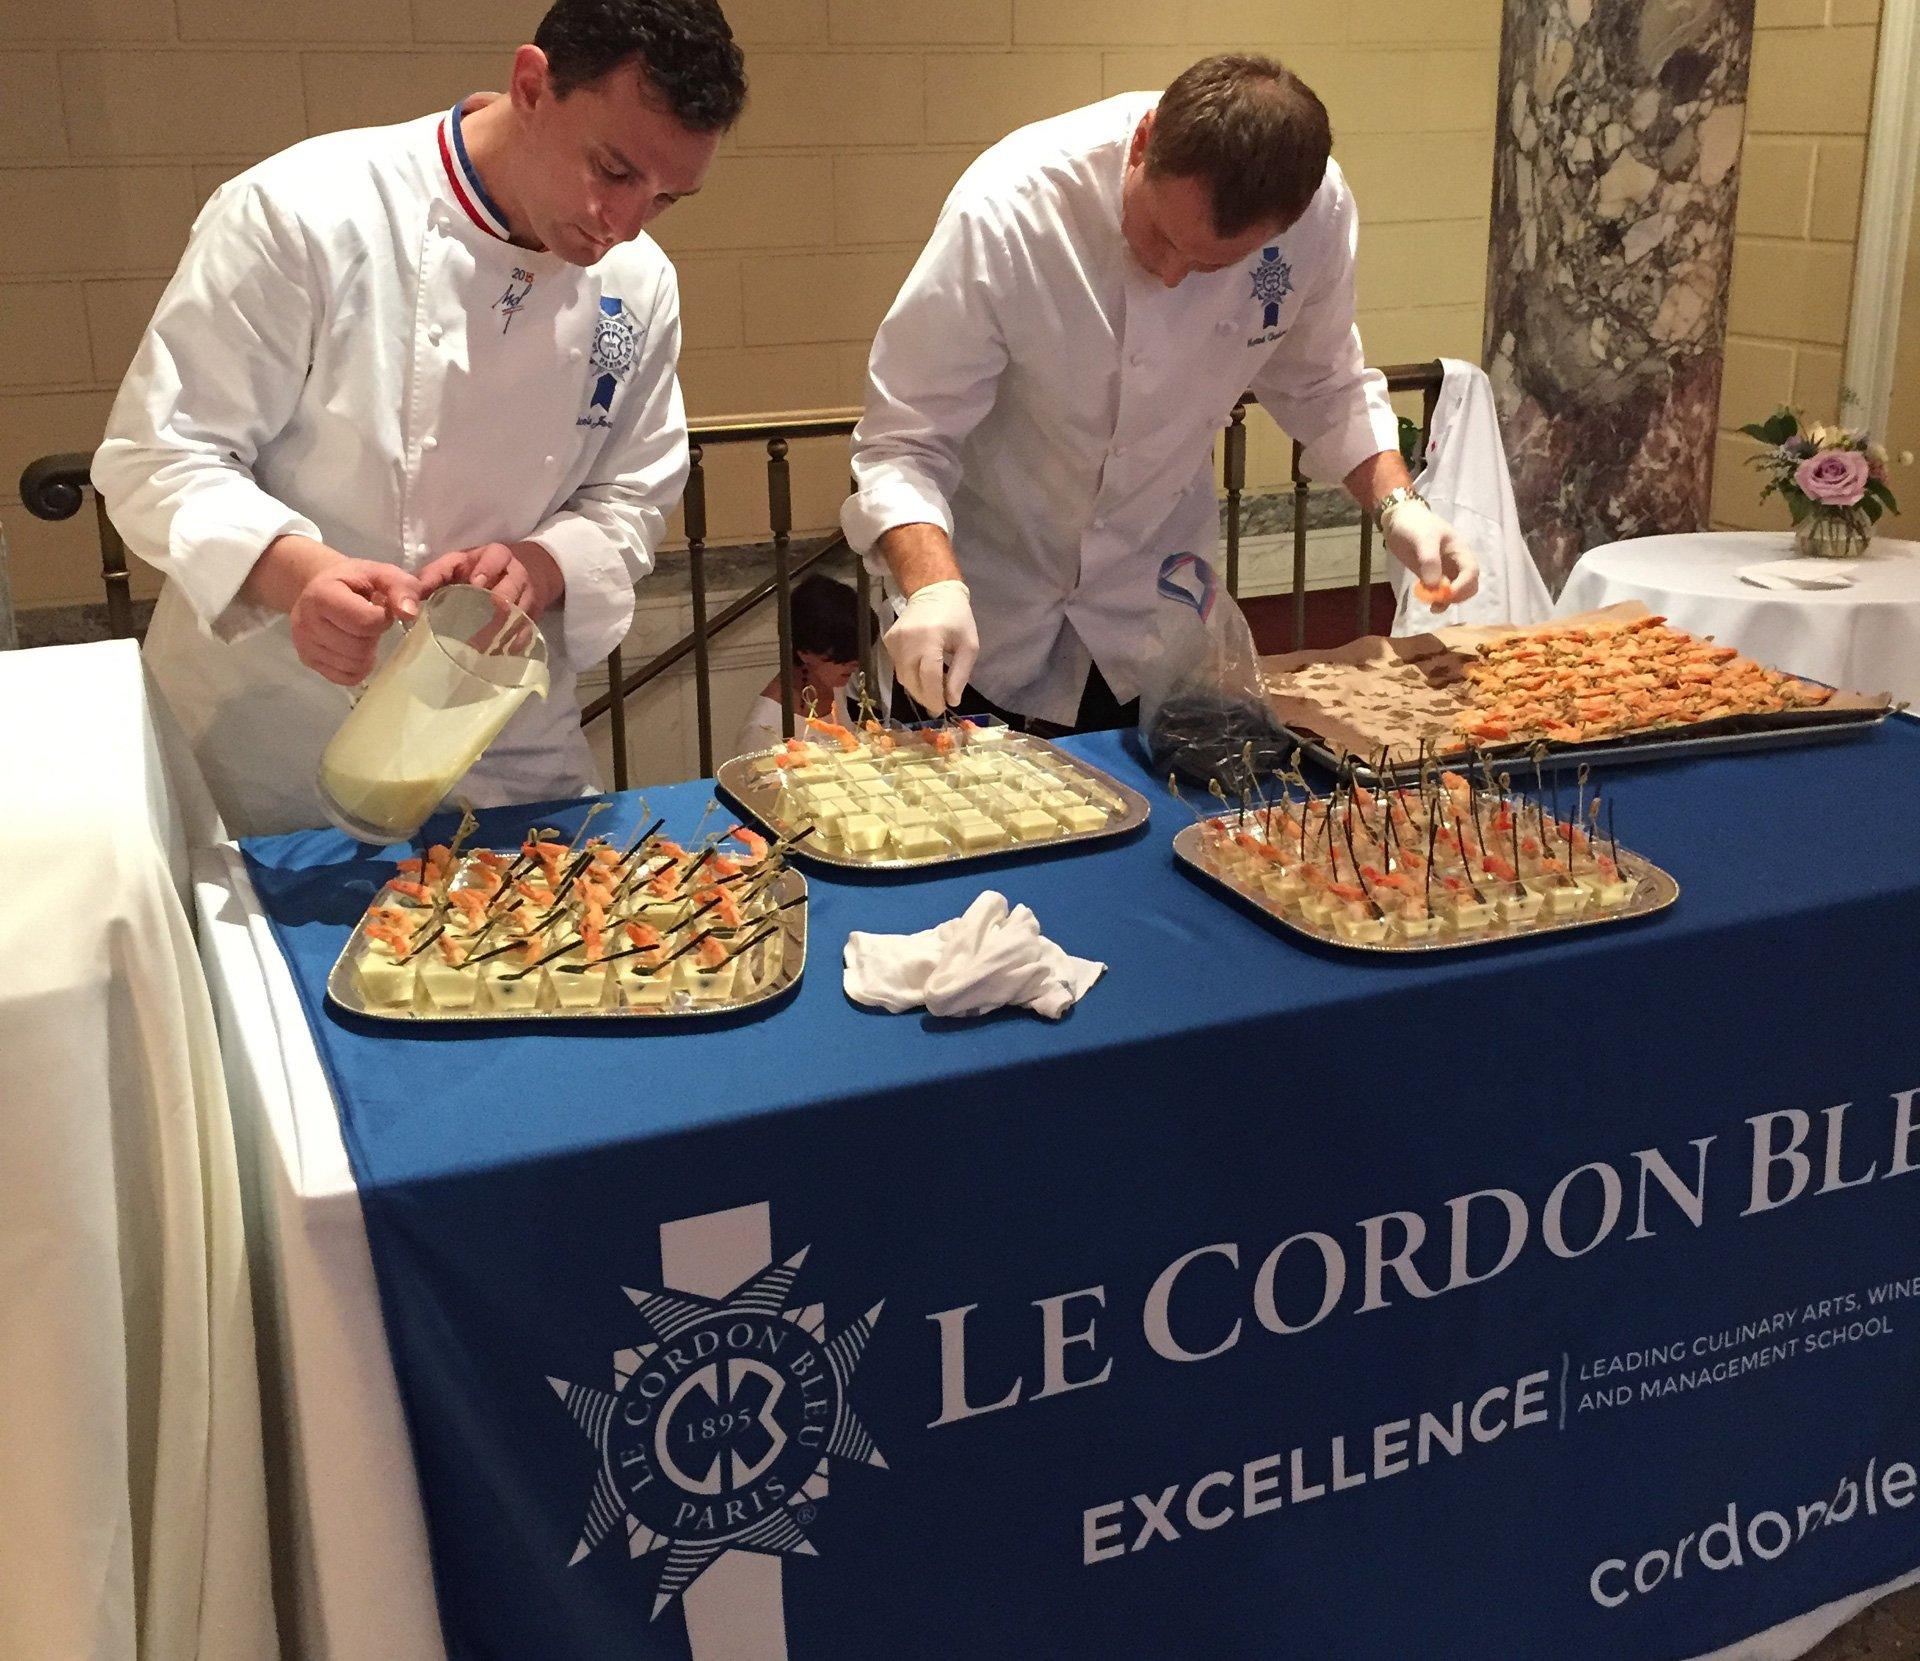 Le Cordon Bleu Chefs